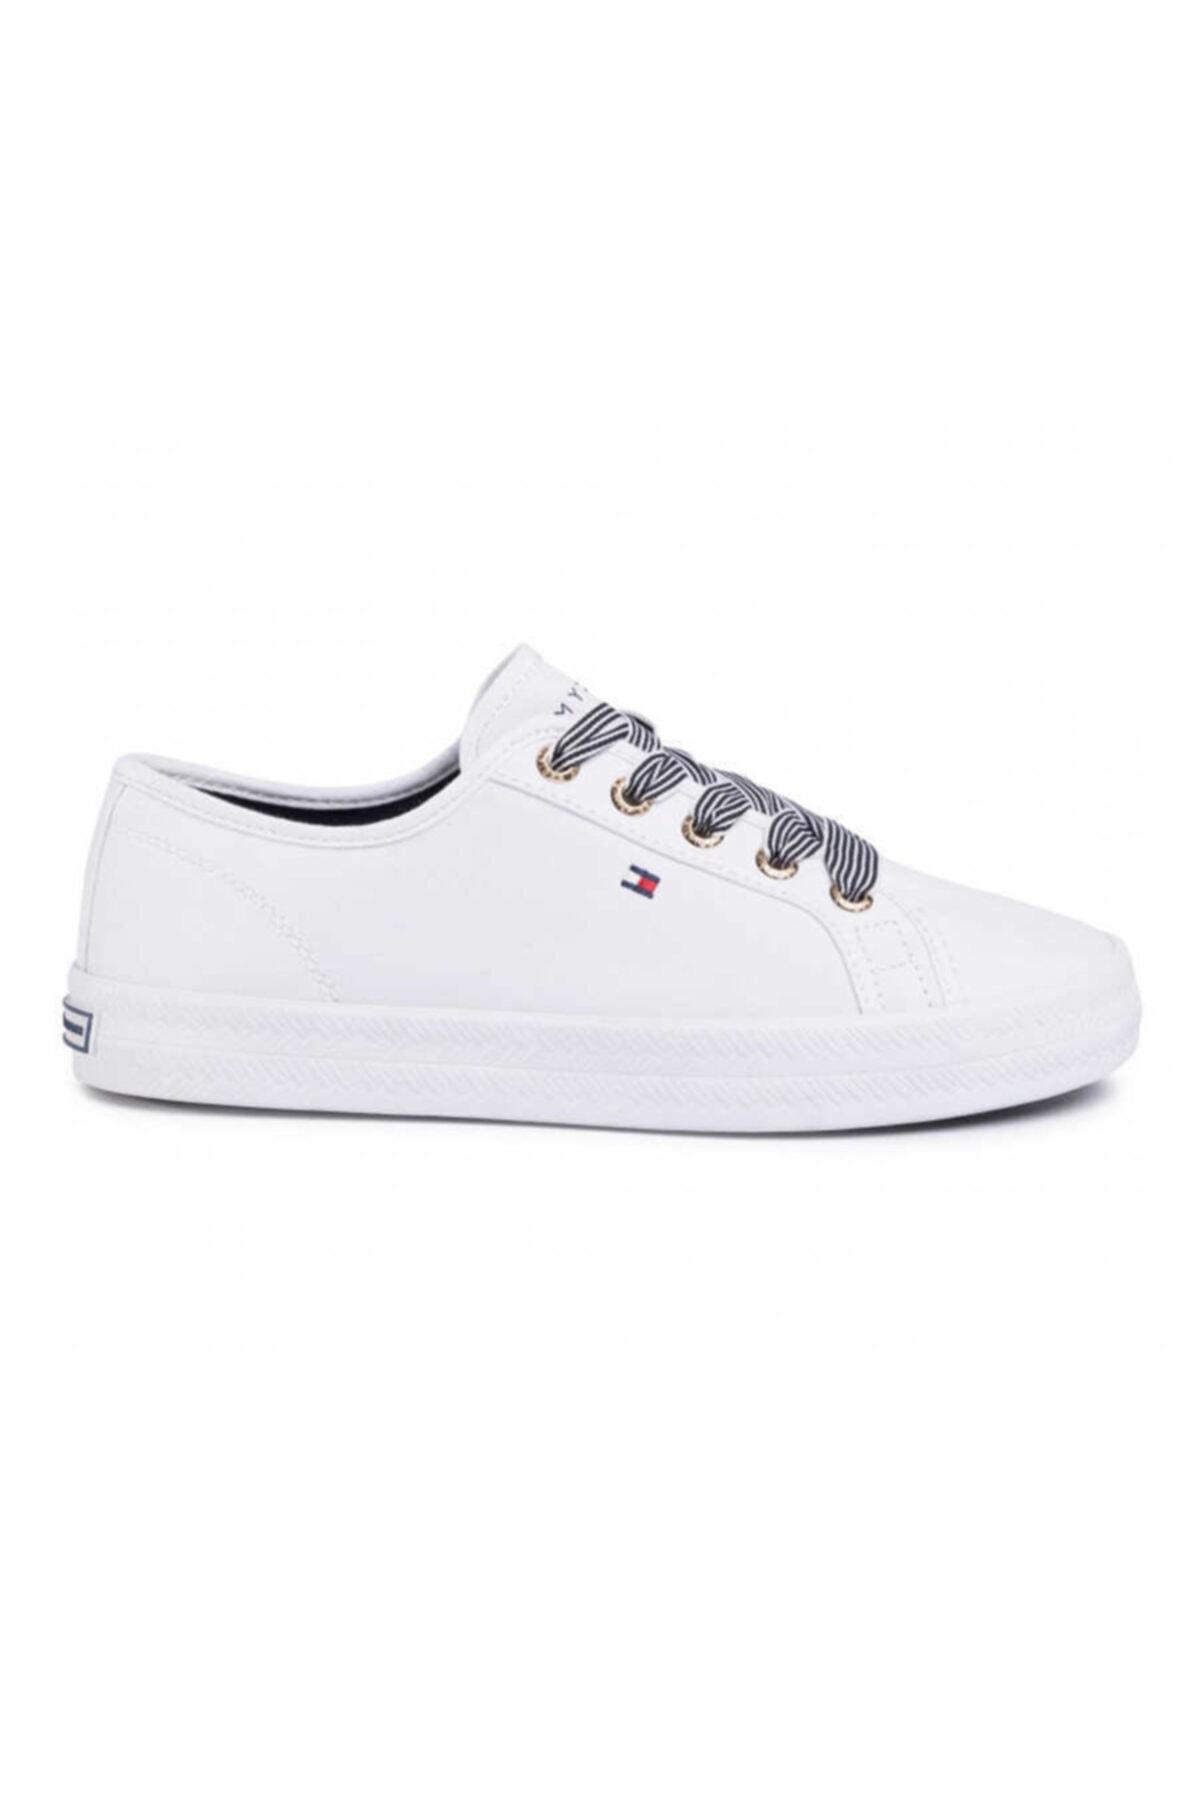 Tommy Hilfiger Kadın Beyaz Sneaker Essentıal Nautıcal Sneaker FW04848-YBS 1